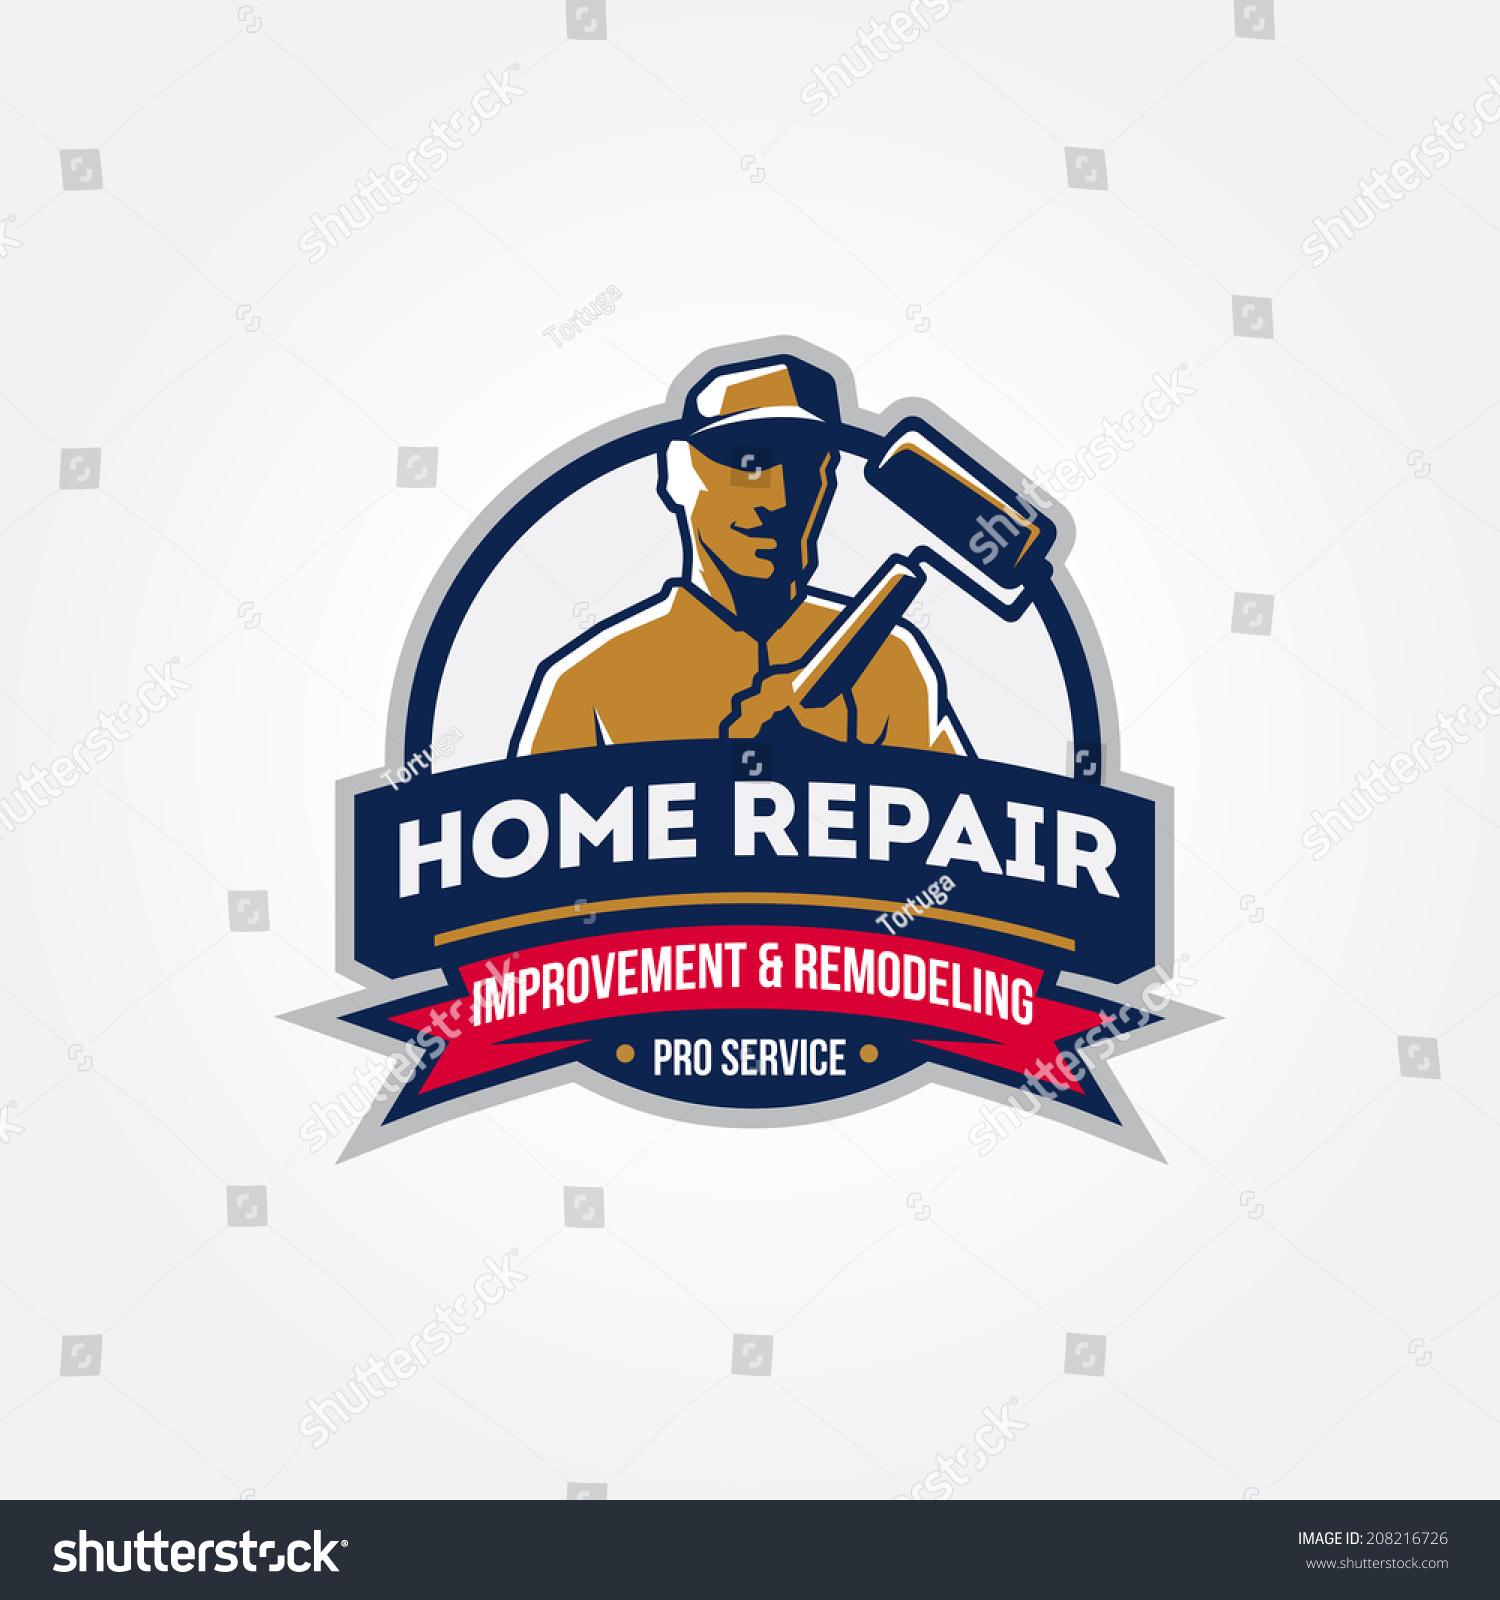 home repair clipart - photo #39